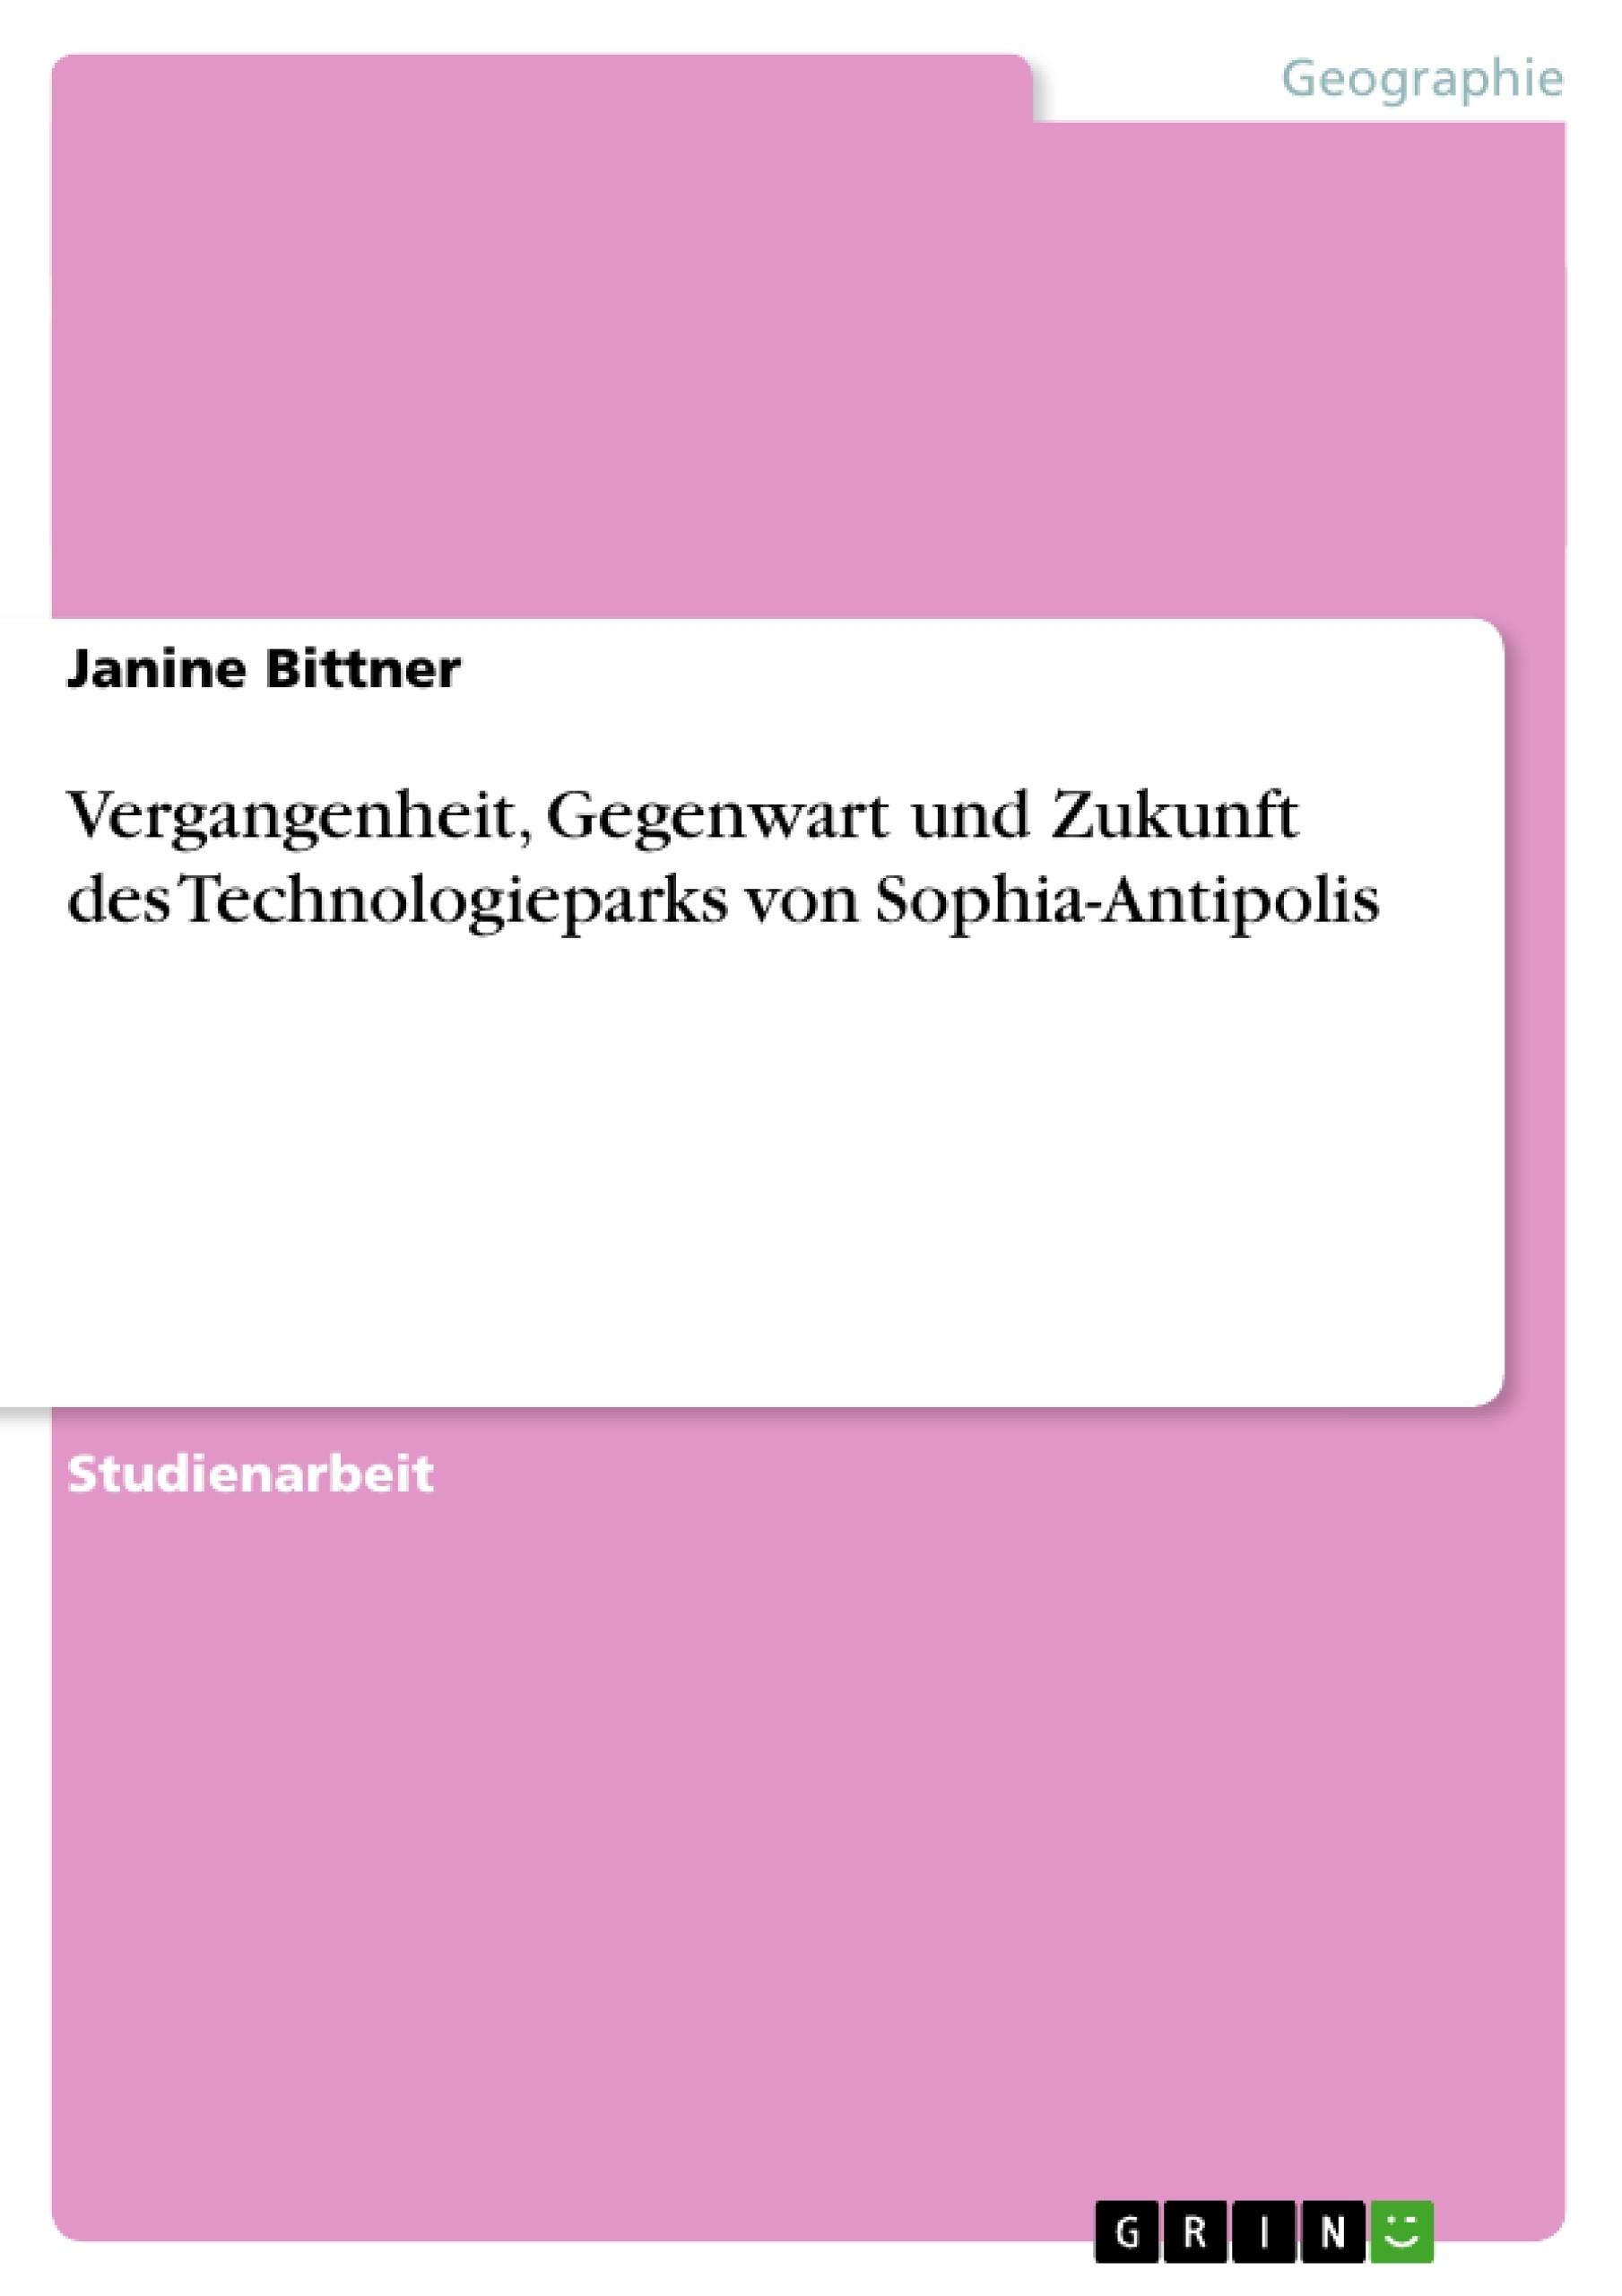 Titel: Vergangenheit, Gegenwart und Zukunft des Technologieparks von Sophia-Antipolis